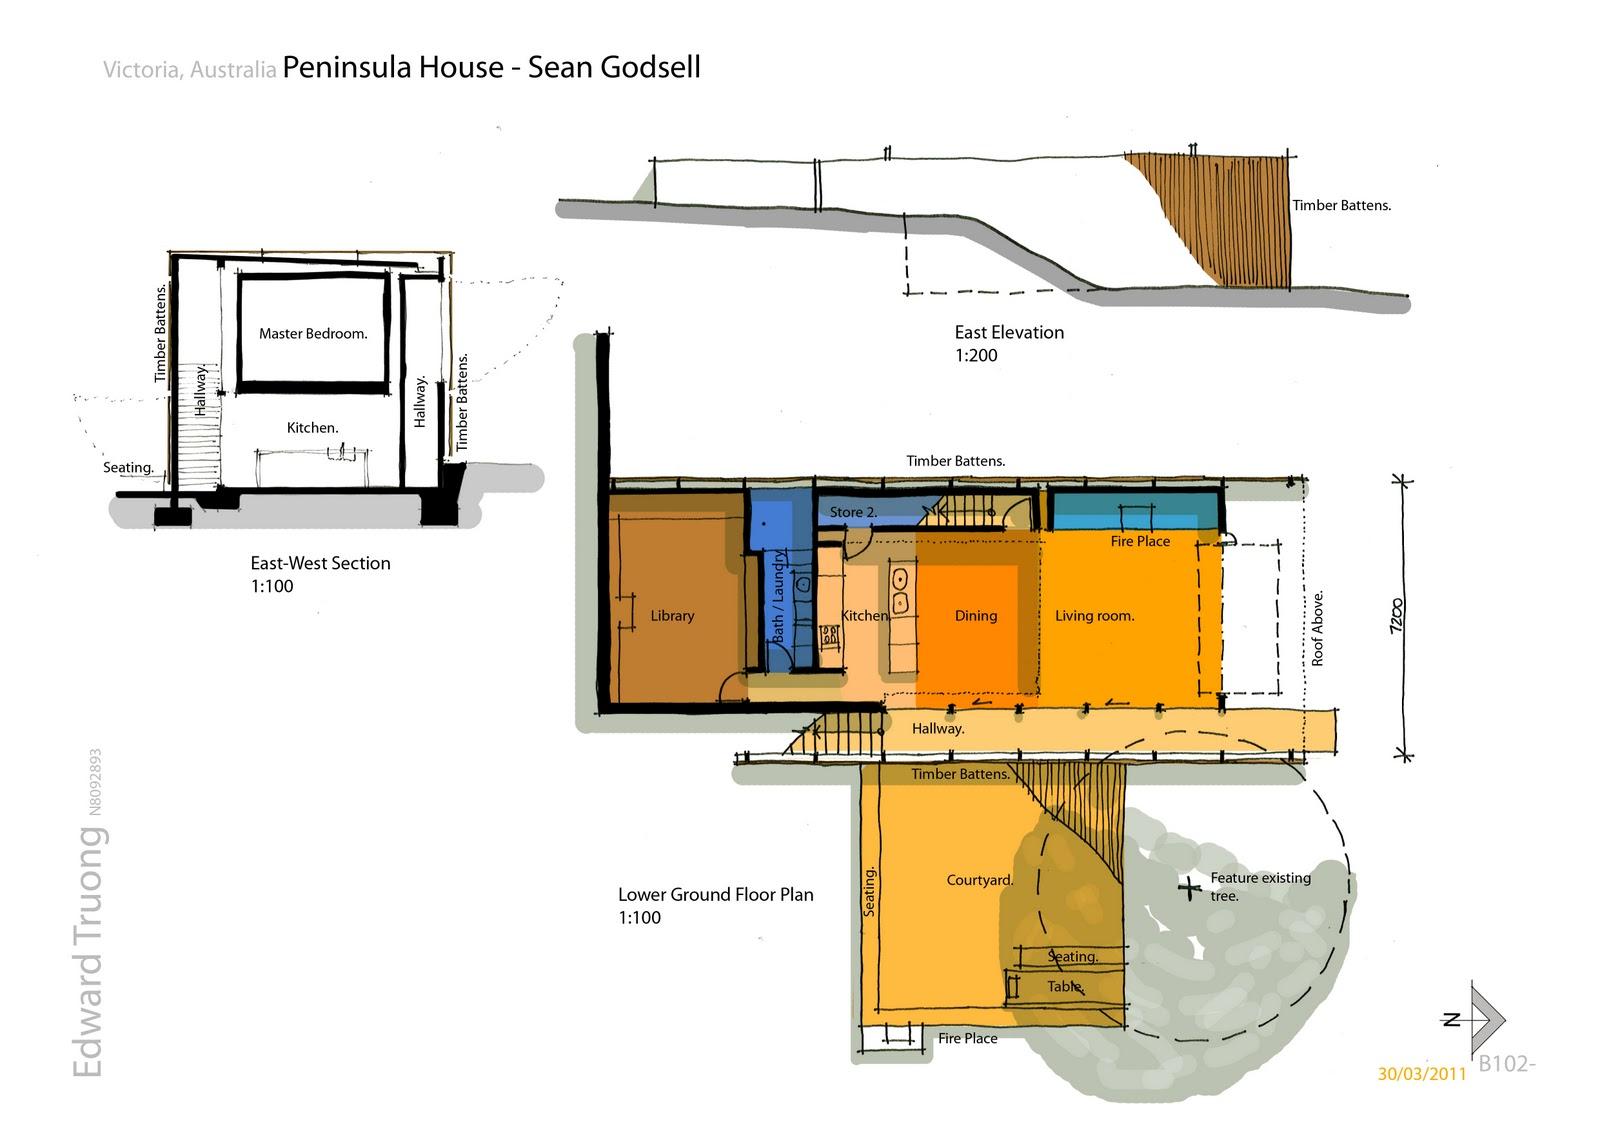 Qut Architecture De40 March 2011